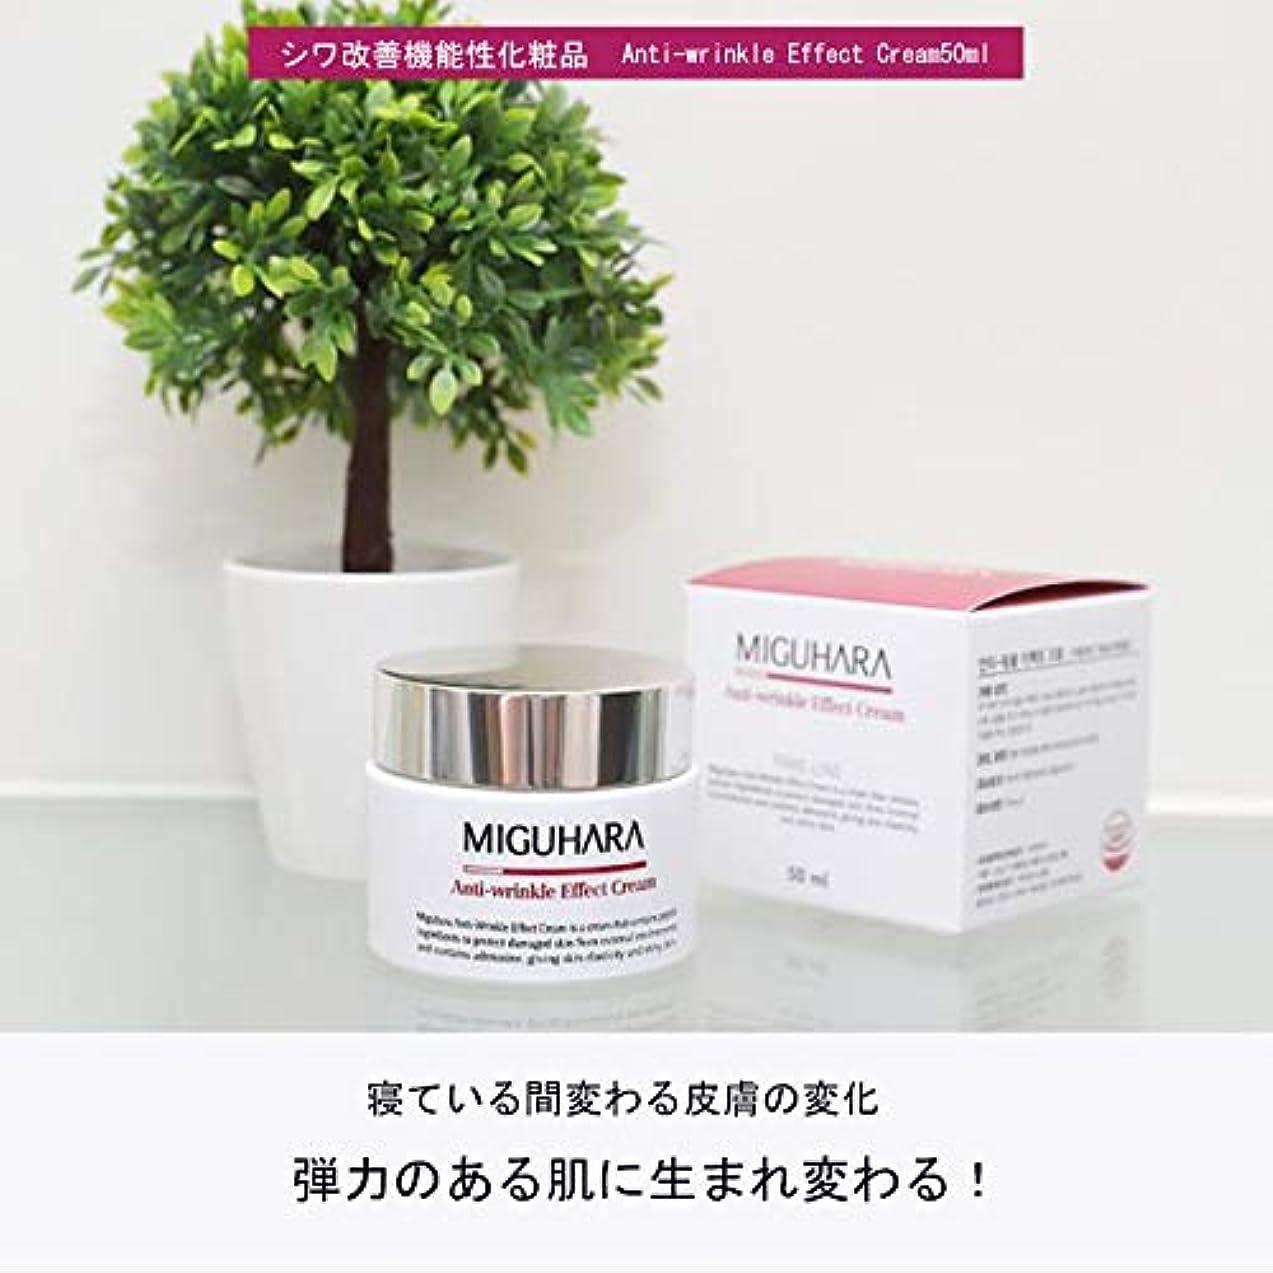 考慮隙間ベアリングMIGUHARA アンチ-リンクルエフェクトクリーム 50ml / Anti-wrinkle Effect Cream 50ml